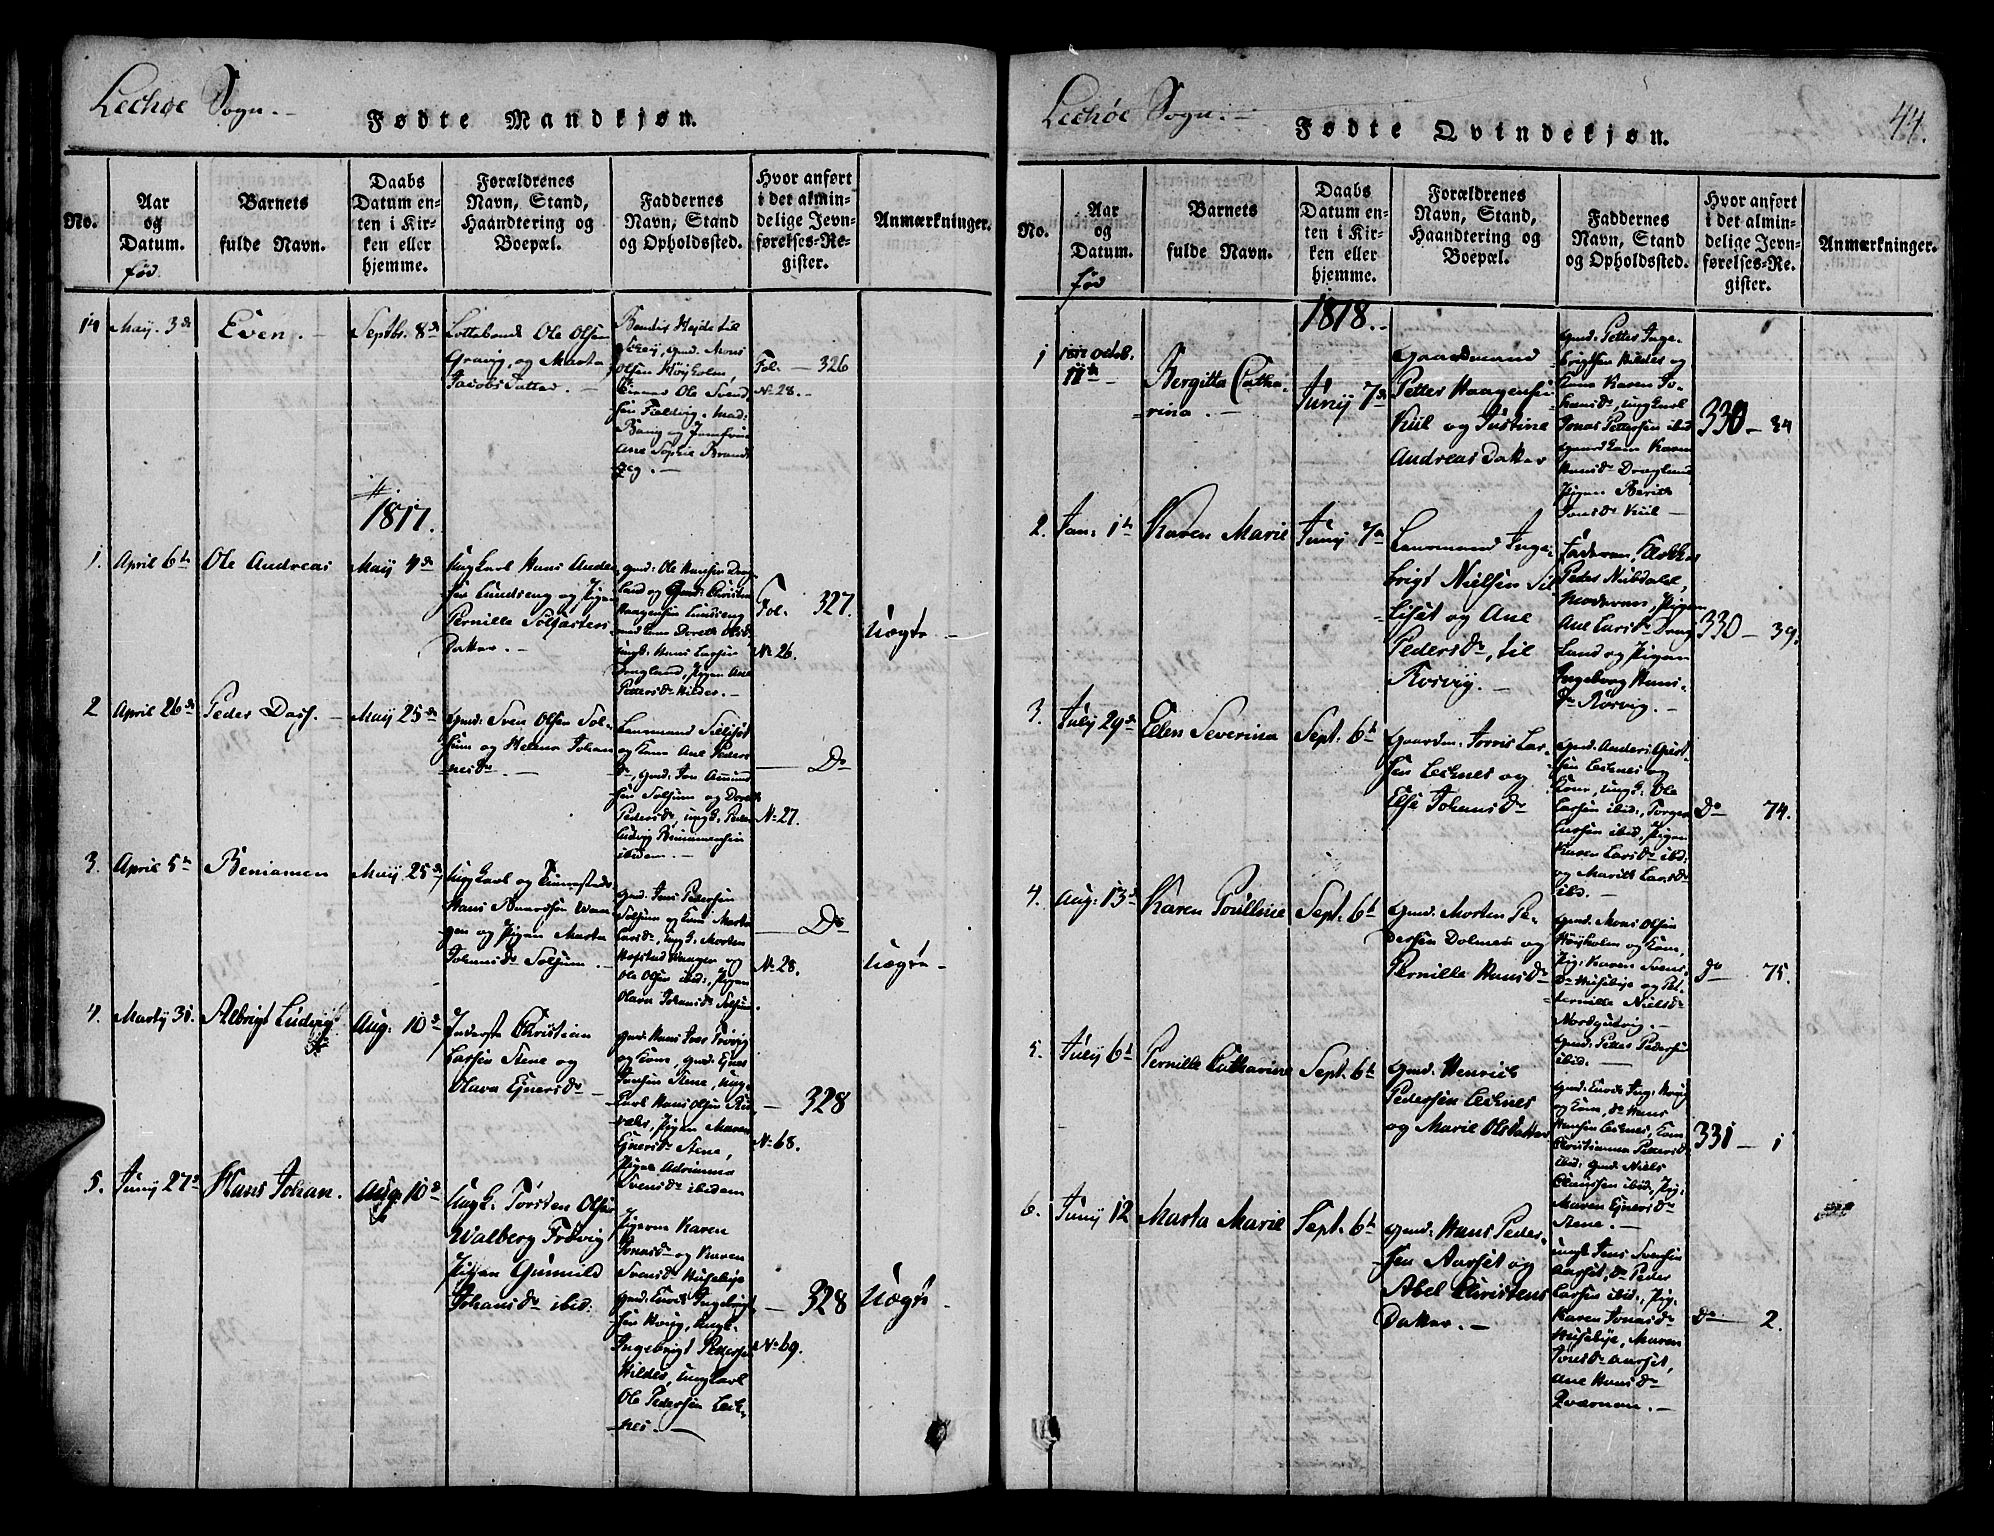 SAT, Ministerialprotokoller, klokkerbøker og fødselsregistre - Nord-Trøndelag, 780/L0636: Ministerialbok nr. 780A03 /2, 1815-1829, s. 44